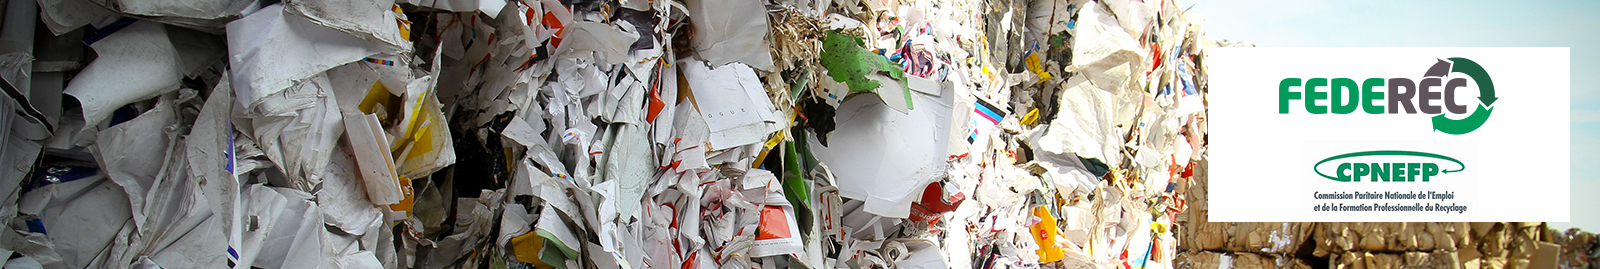 Le recyclage, une industrie au service de la planète